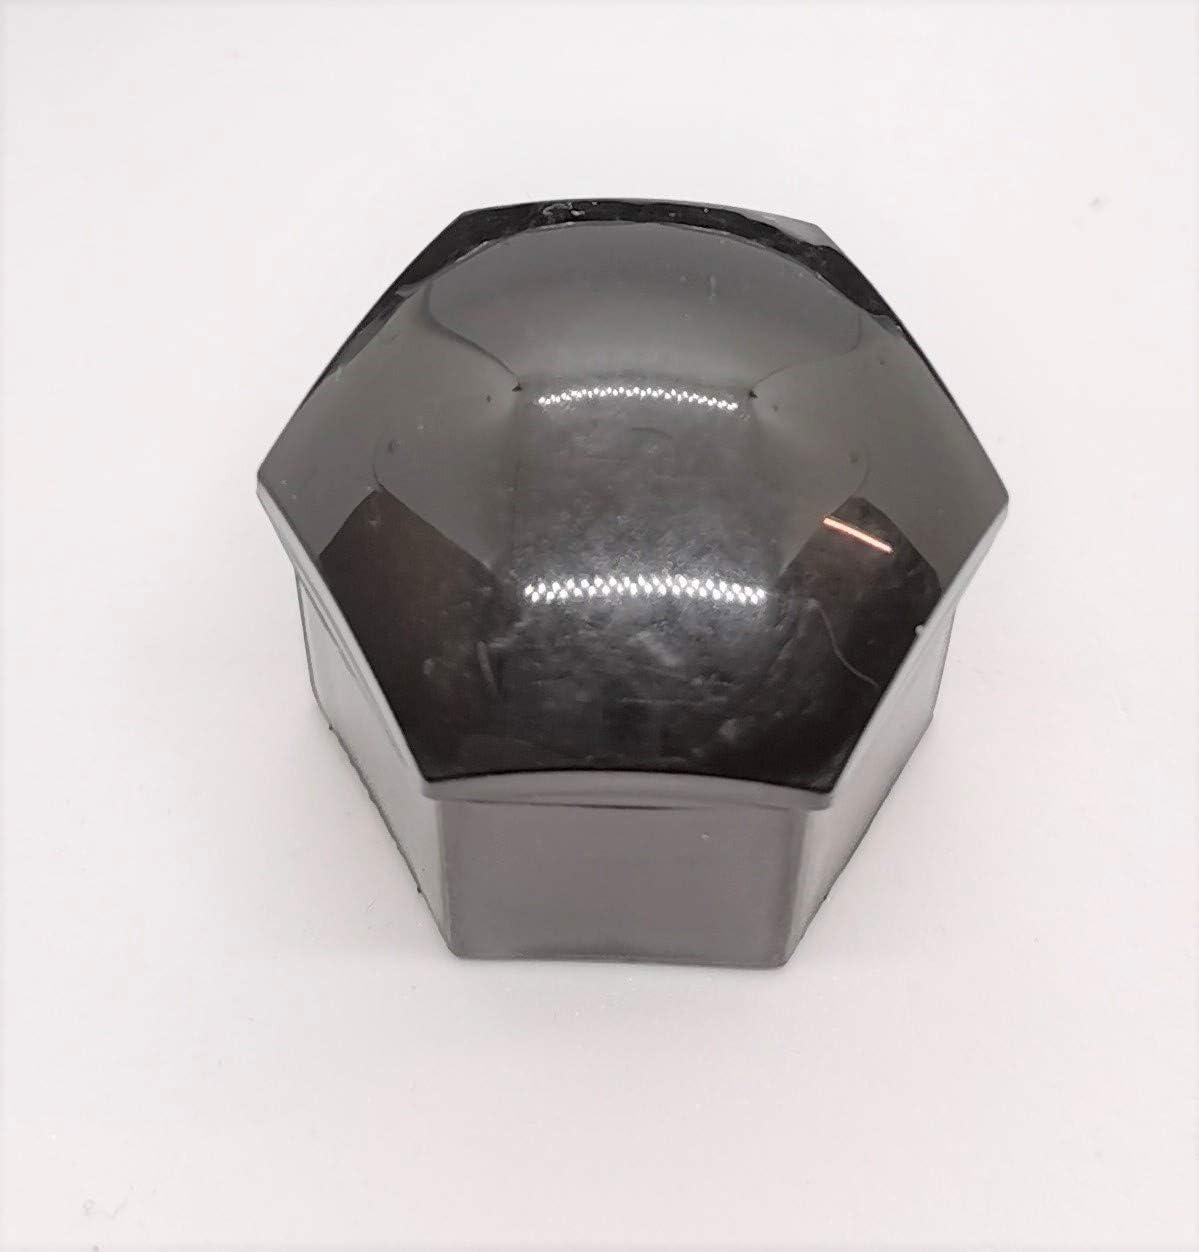 Viktex 20 Radschraubenkappen Abdeckungen Radmuttern Set 21mm Schwarz Glanz Abzieher Auto